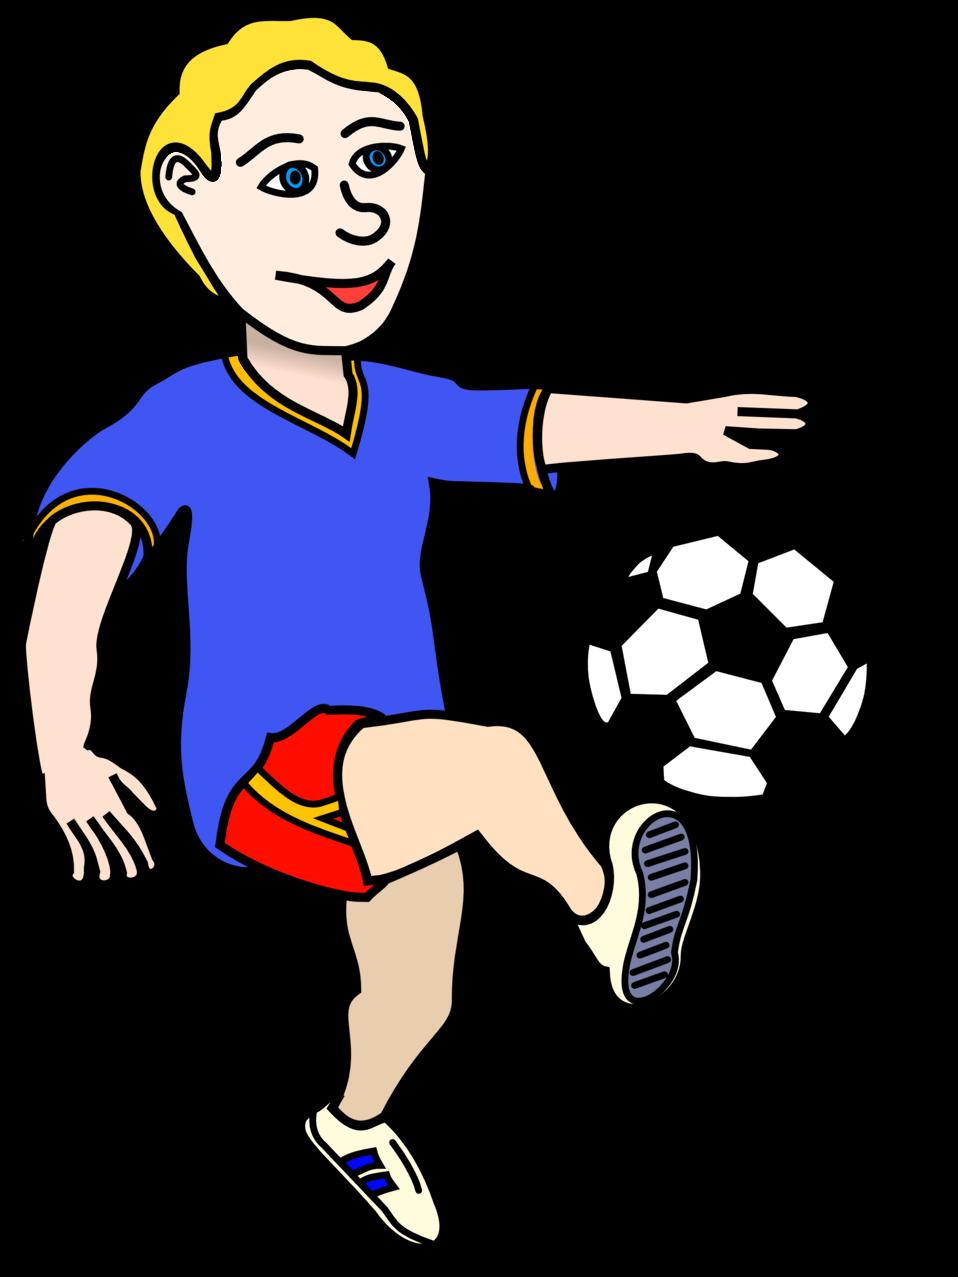 A boy is kicking a soccer ball.